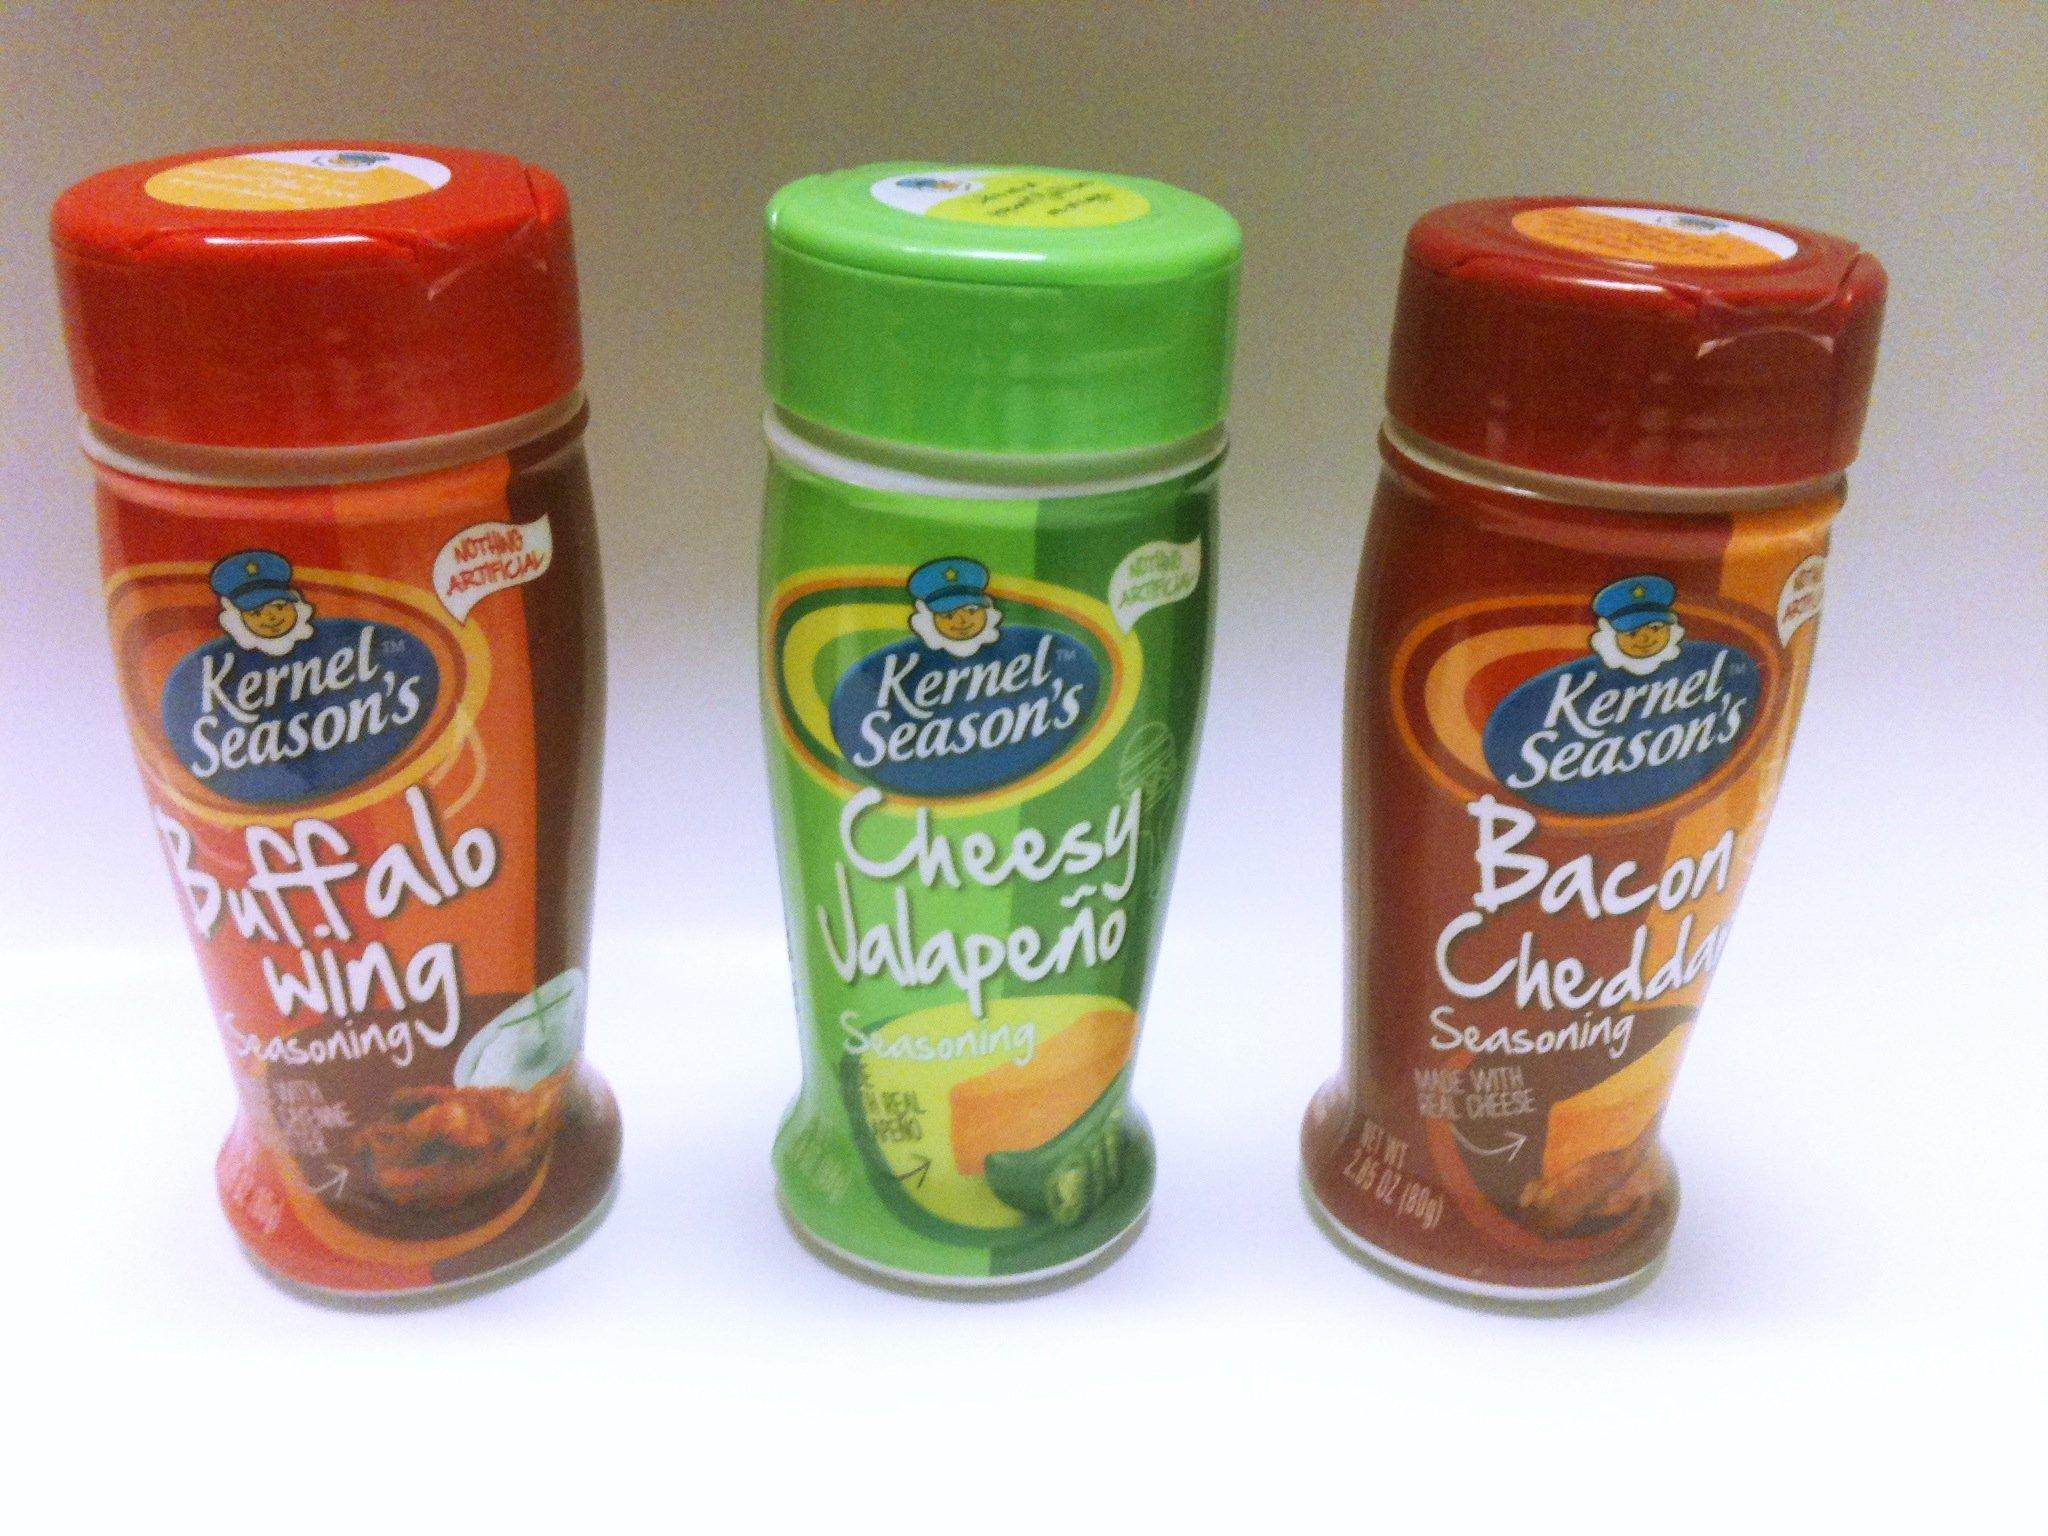 Kernel Season's Popcorn Seasonings Spicy Variety Pack (3 Different Flavors) by Kernel Season's (Image #1)